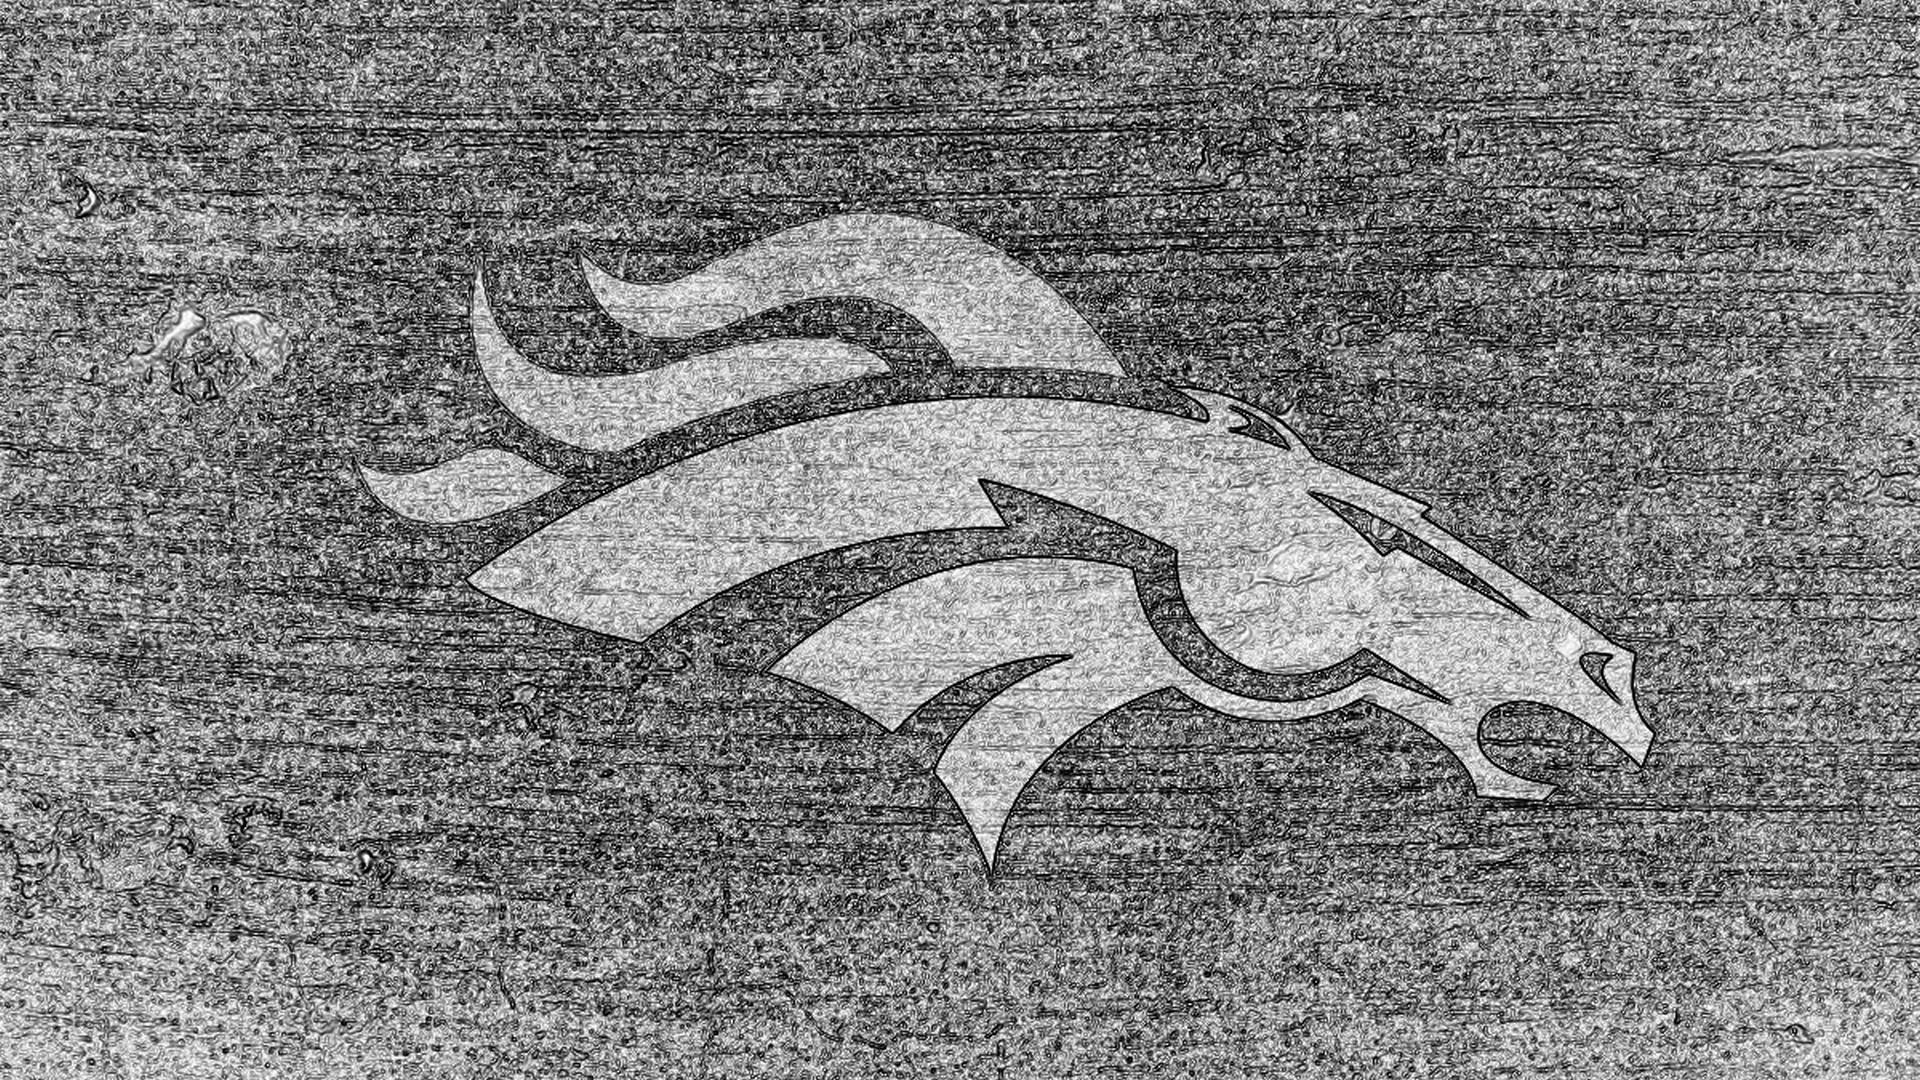 Res: 1920x1080, denver broncos logo sketch bw on concrete